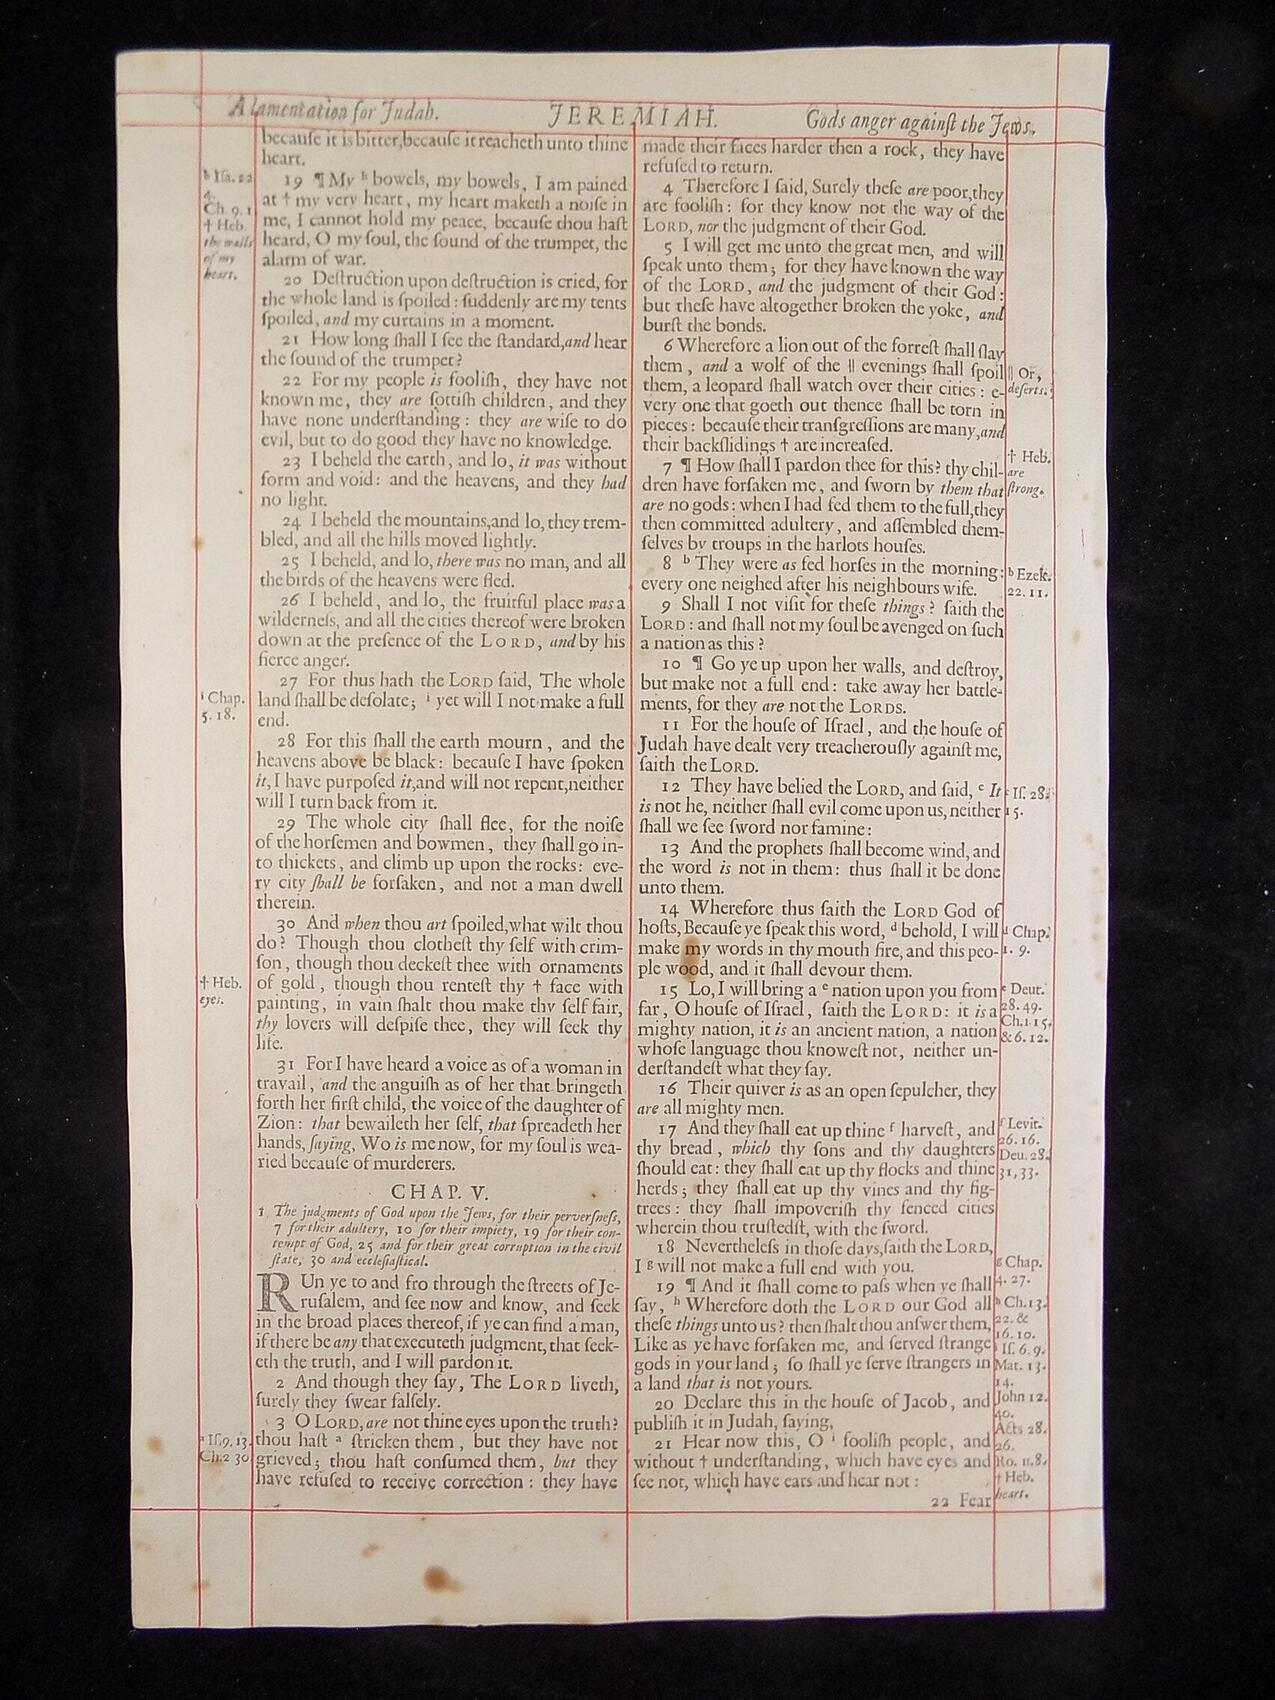 1680 OXFORD KJV JEREMIAH LEAVES